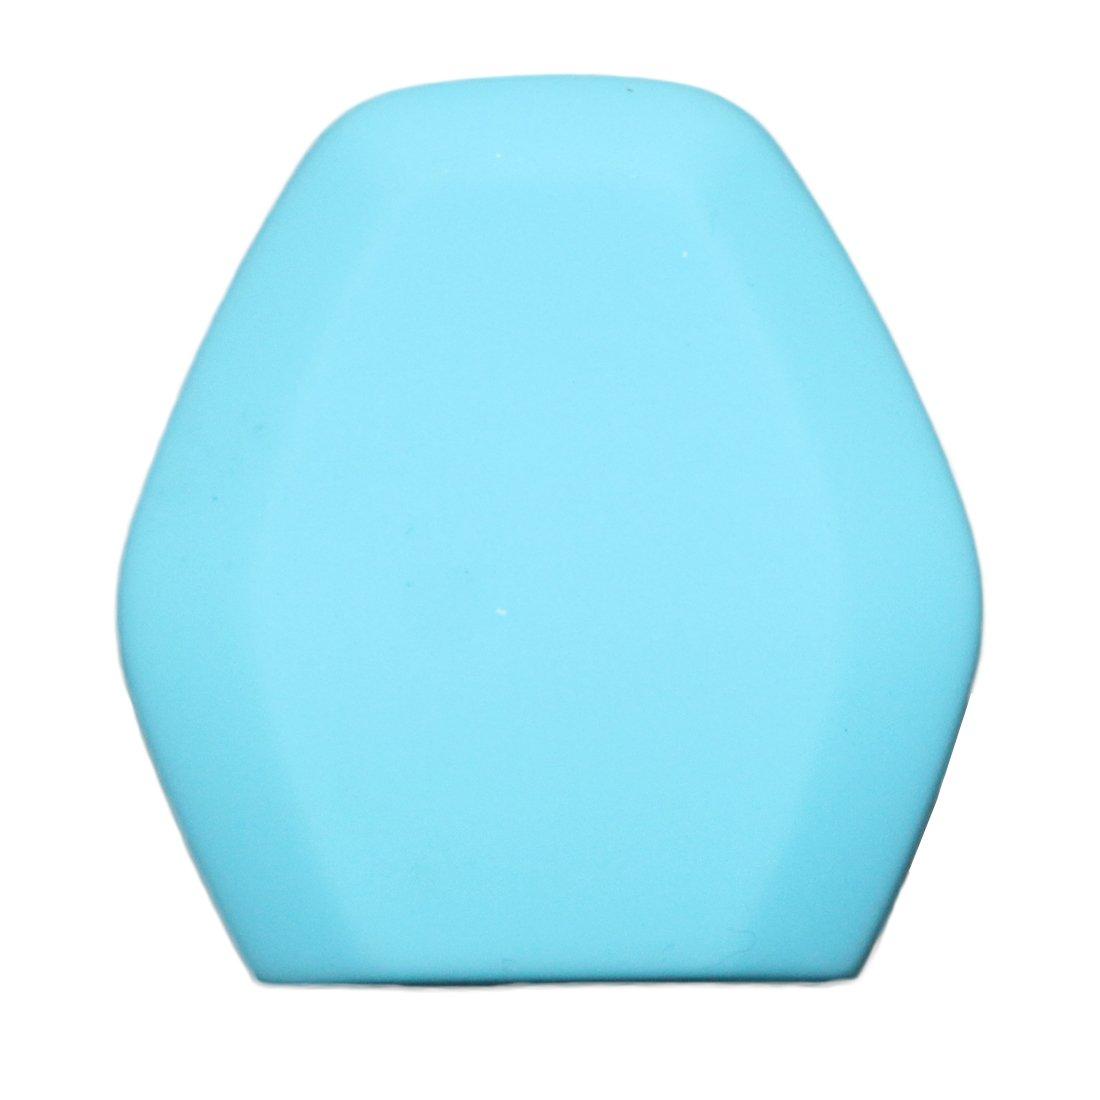 Muchkey Car Funda de llave Funda de silicona Funda de silicona Funda de chaqueta para llave de 2 botones remotos Con cubierta protectora de silicona azul profundo